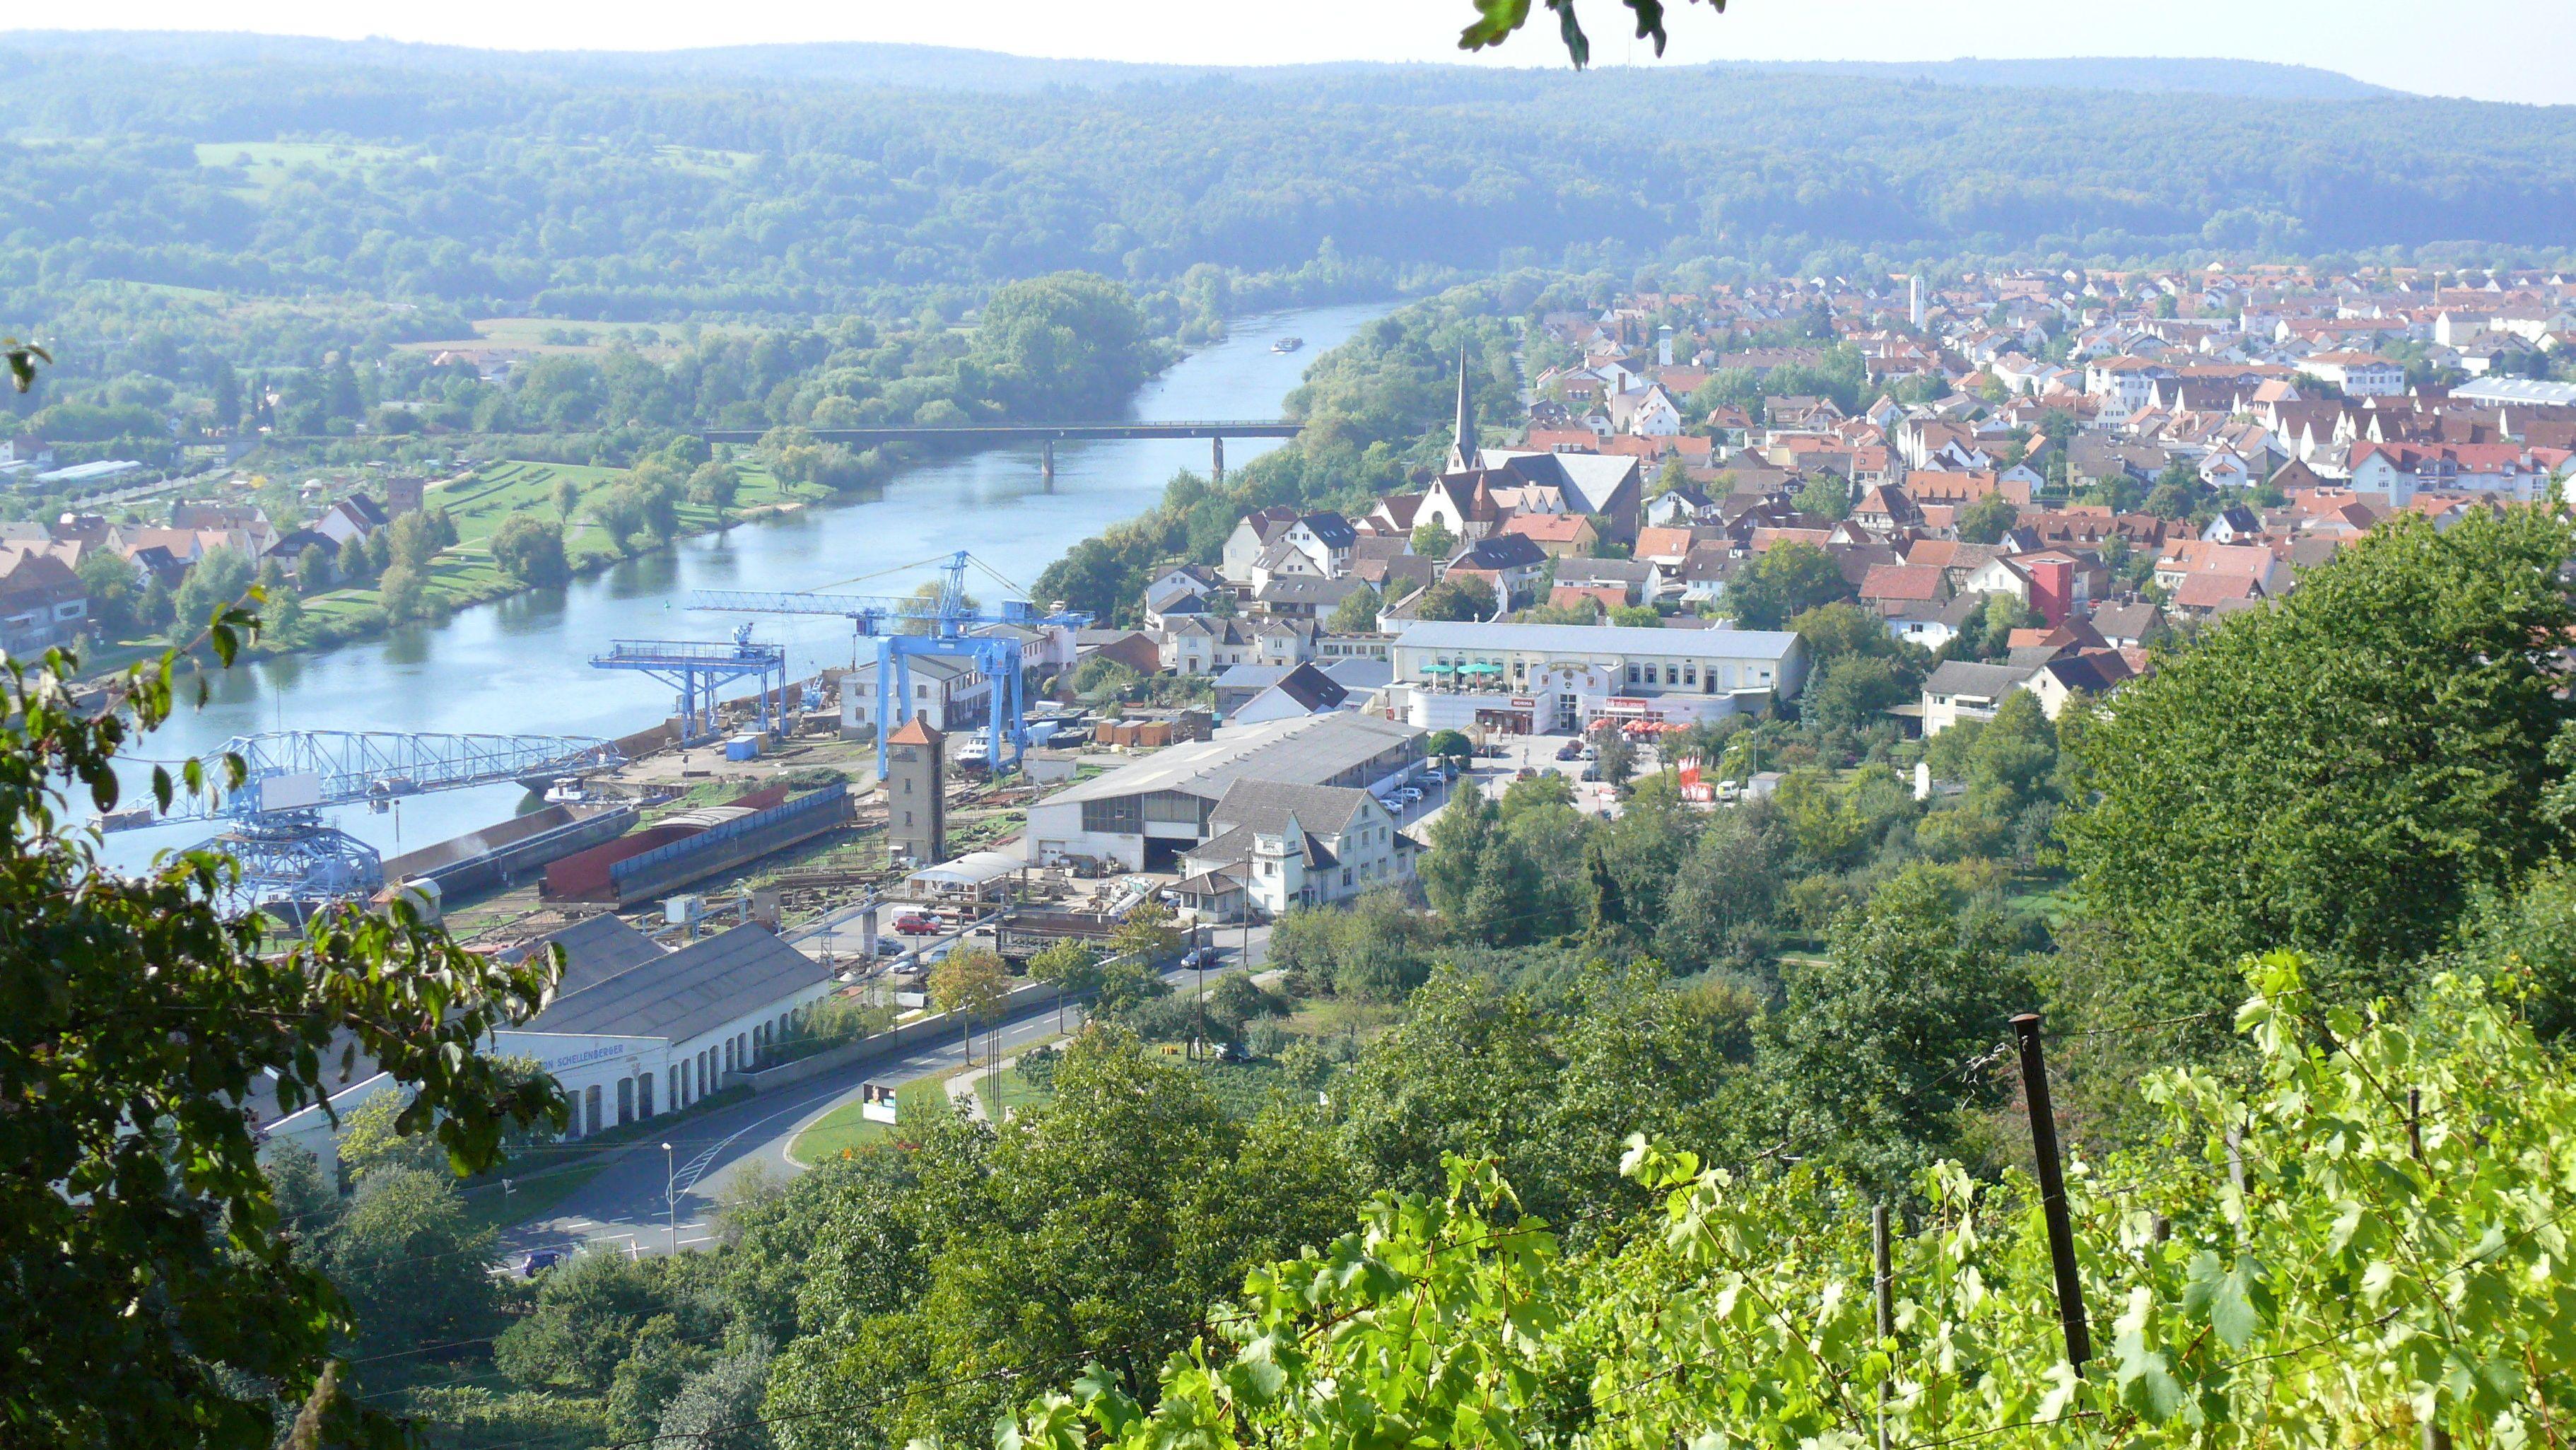 Erlenbach am Main